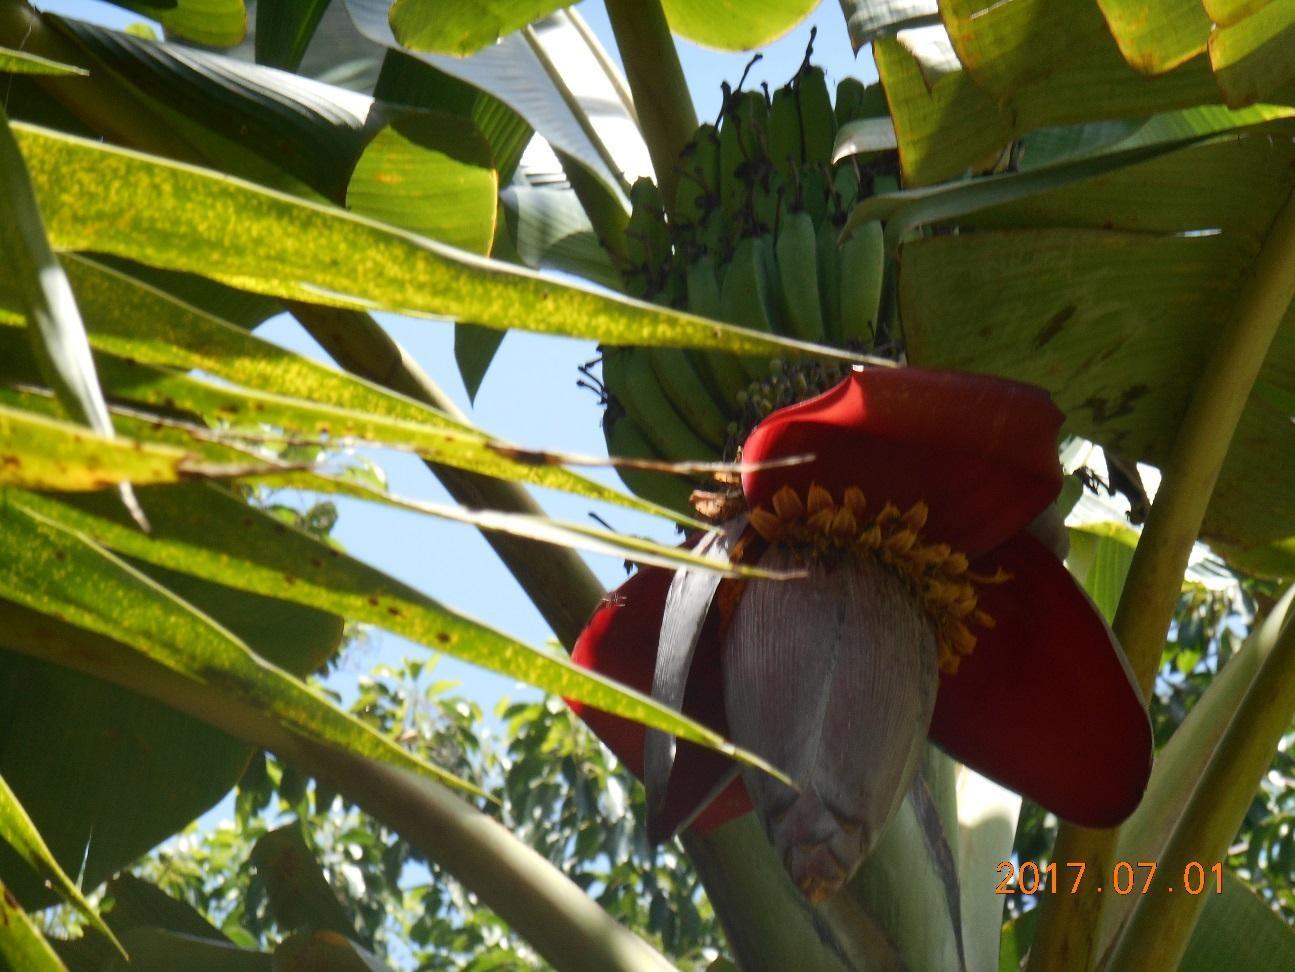 こんな大きなバナナの花を見たことありますか?